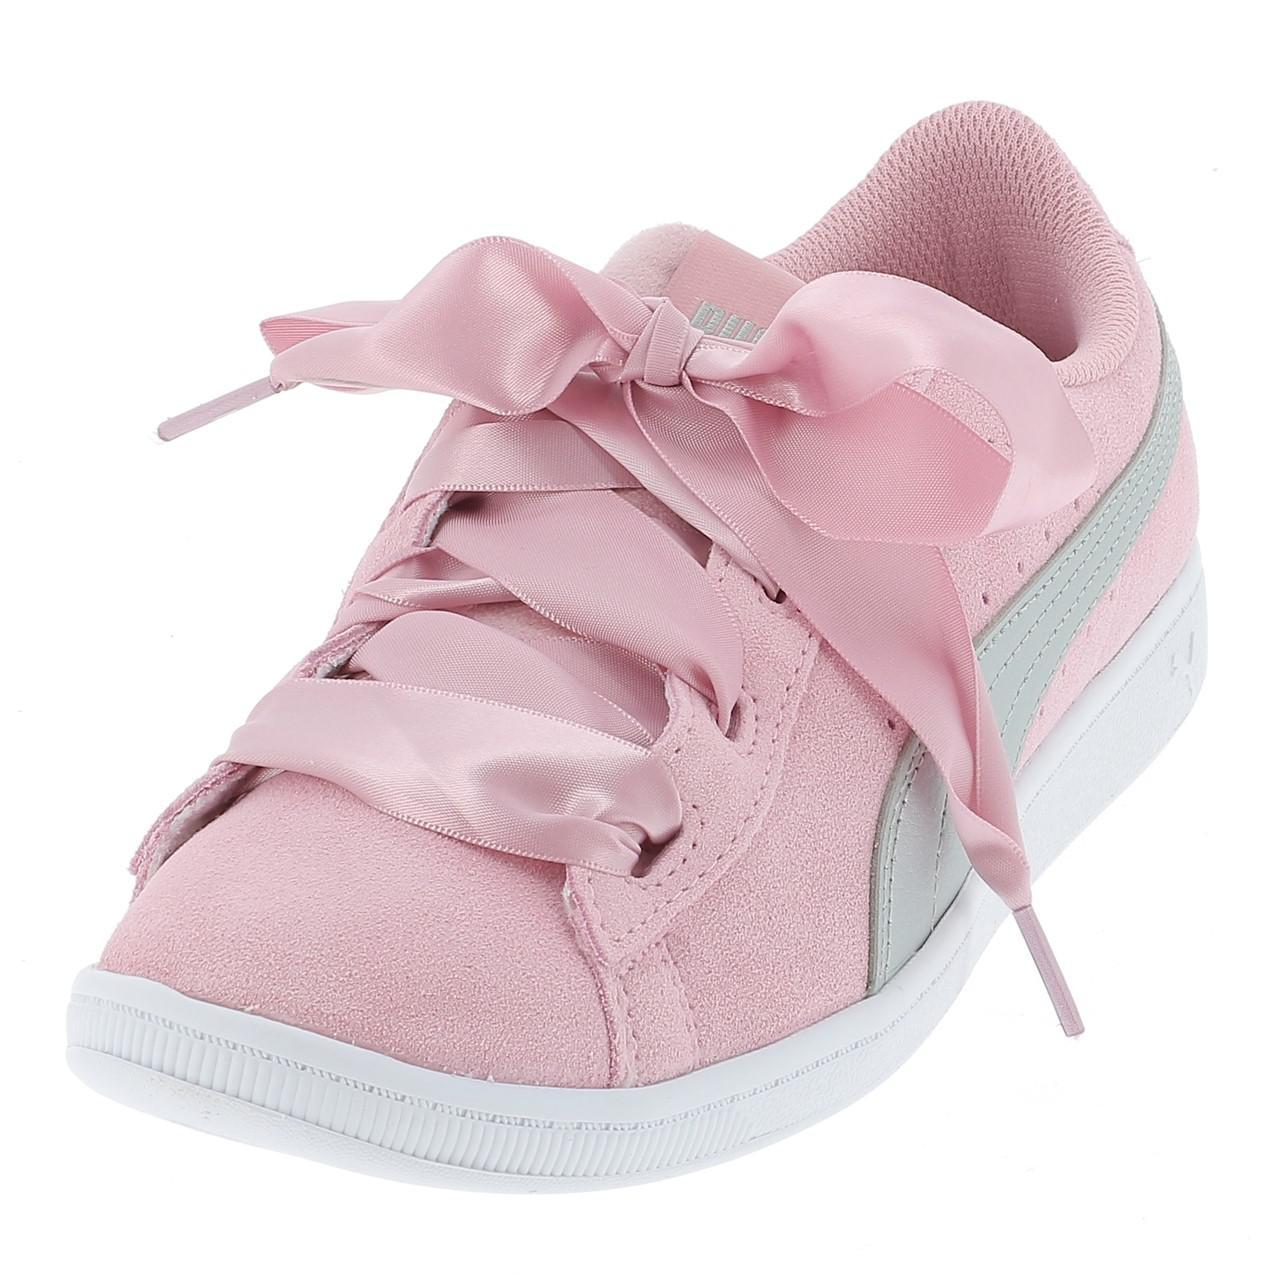 Schuhe-Niedrig-Leder-oder-Faux-Puma-Vikky-Band-Rosa-Maedchen-Rosa-17056-Neu